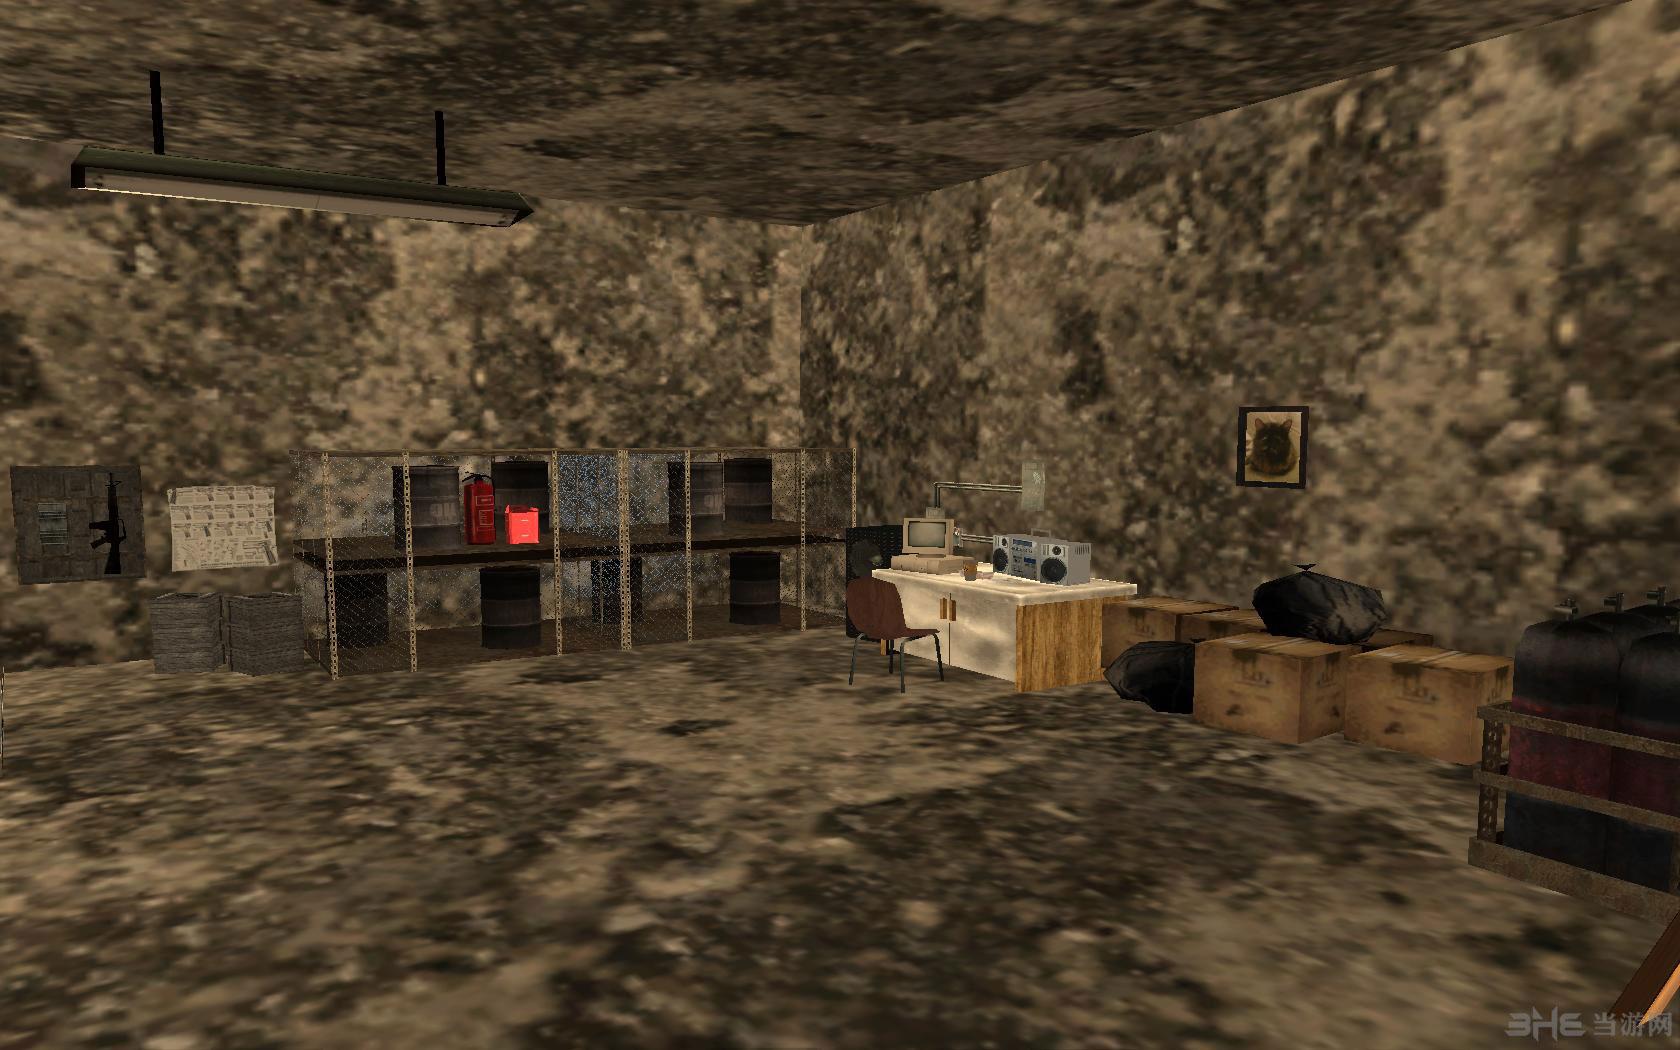 侠盗猎车手圣安地列斯地下室地图MOD截图2